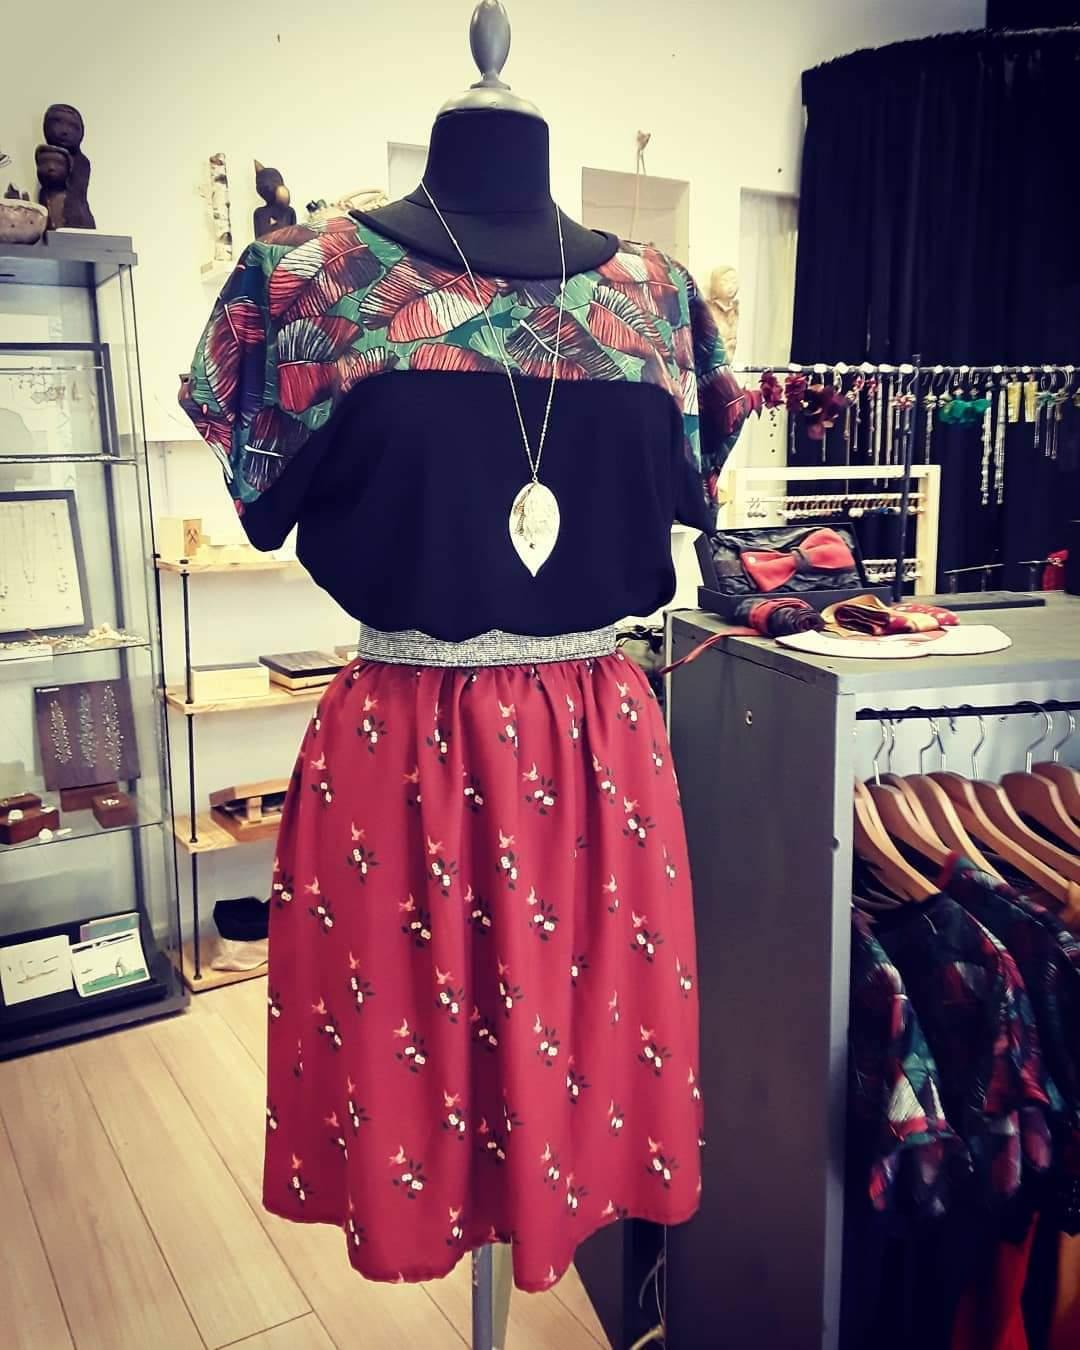 Intérieur de la boutique jupe et tshirt sur mannequin avec collier